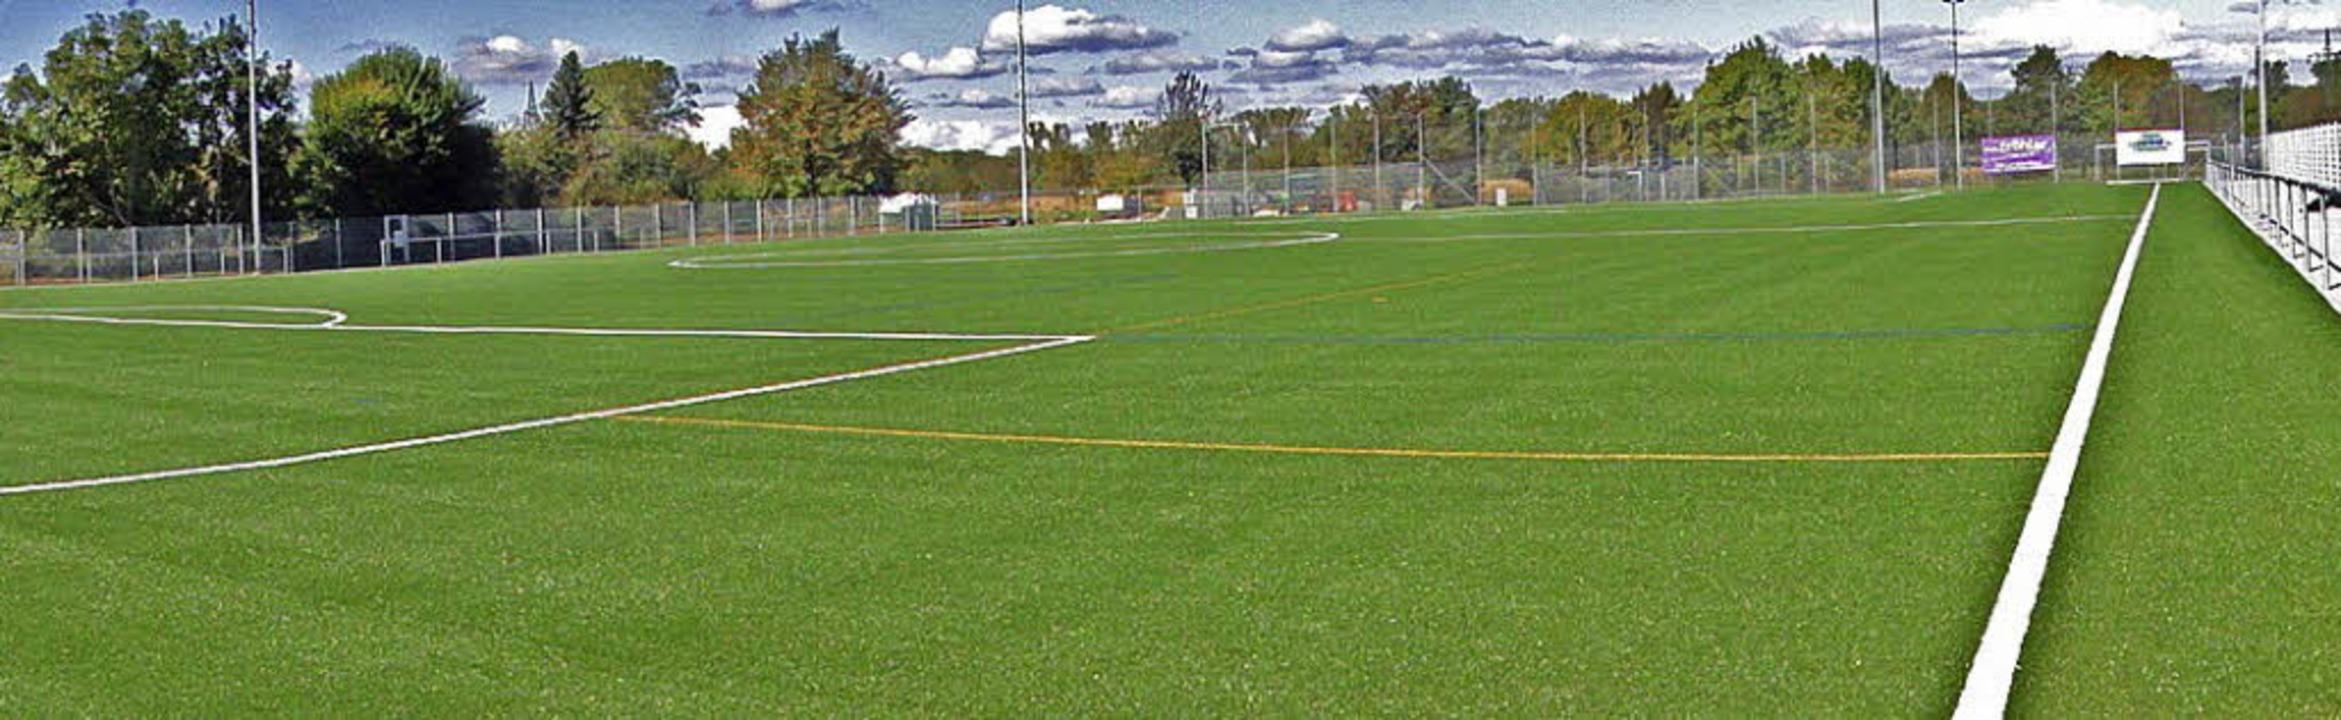 Ein weites Feld: Der neue, wetterfeste...olfenweiler kann nun bespielt werden.   | Foto: FC Wolfenweiler